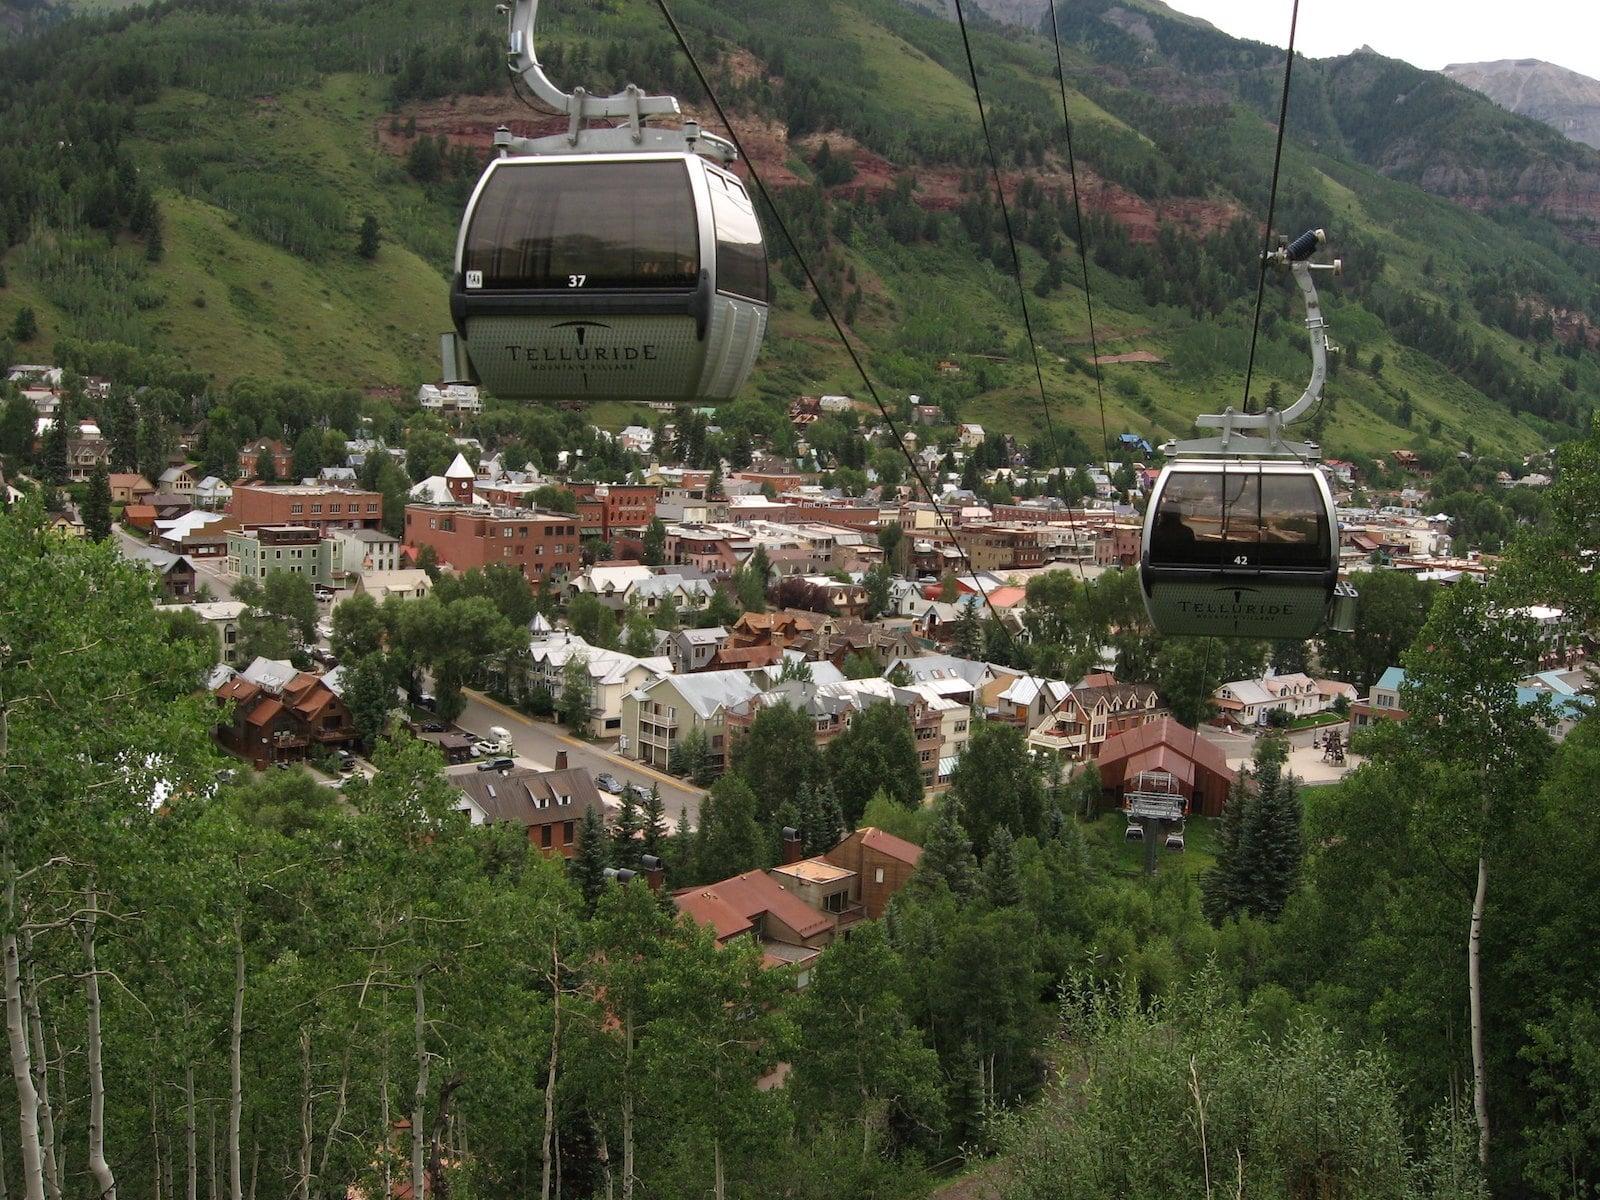 Image of two free gondolas in Telluride, Colorado